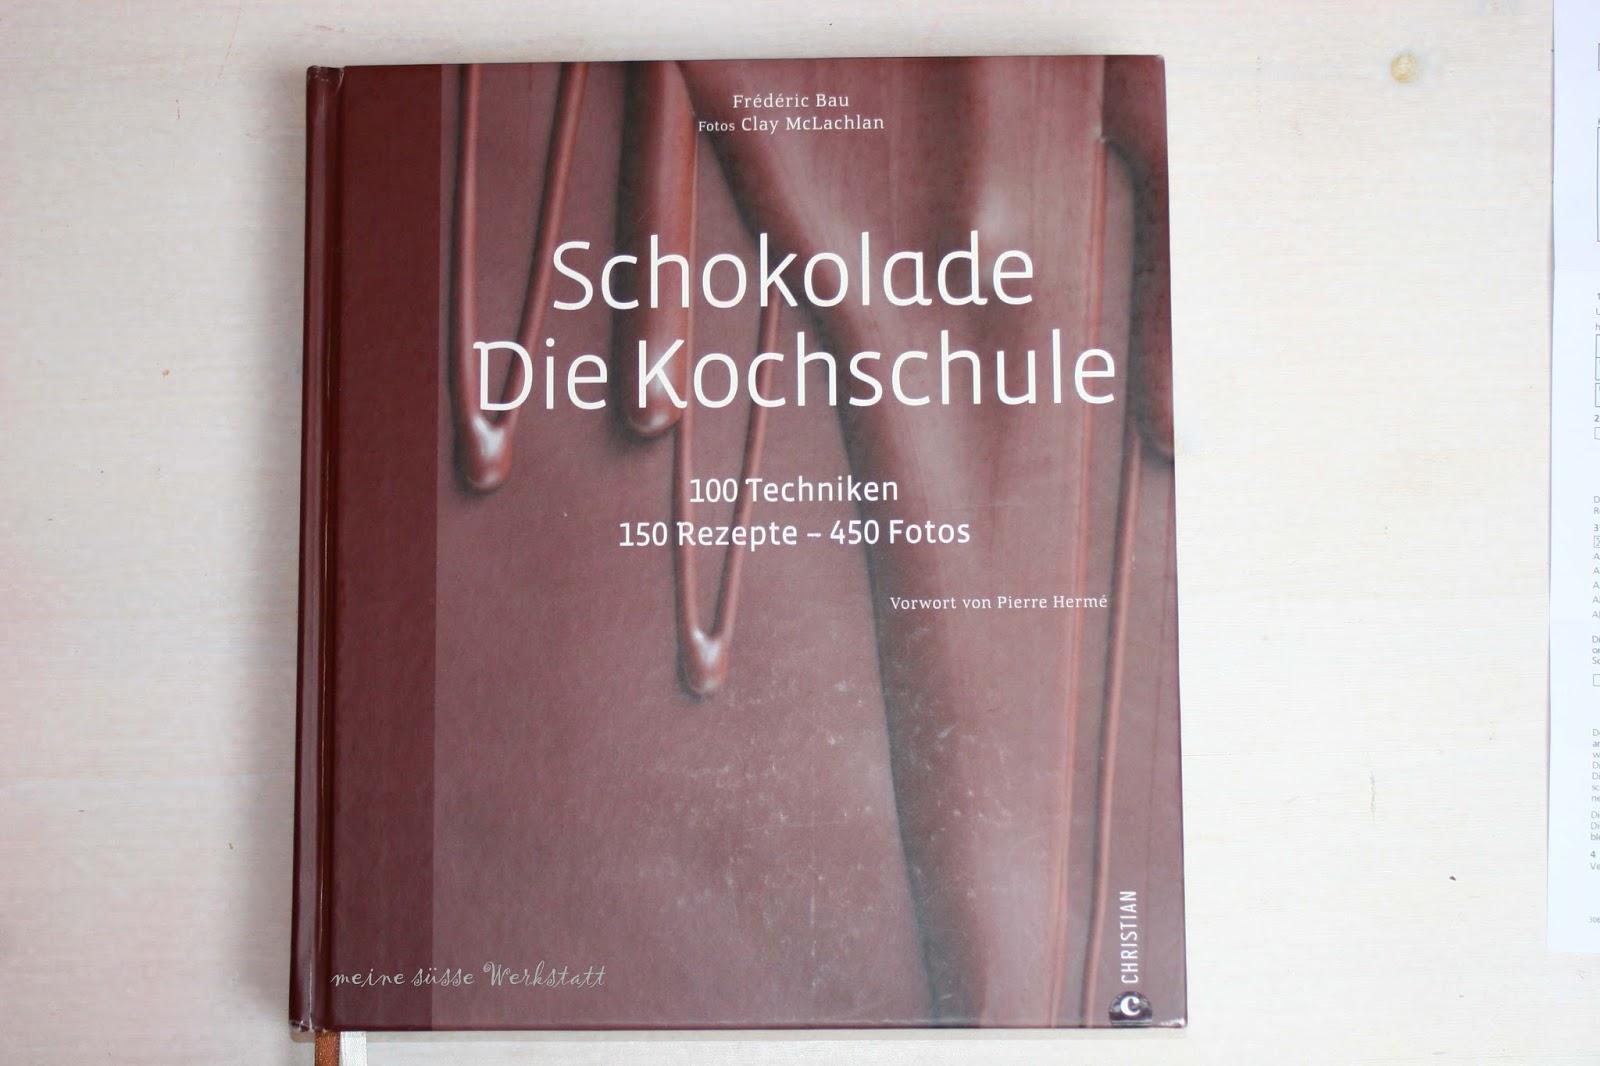 Kochschule Buch | arkhia.com | {Kochschule comic 35}